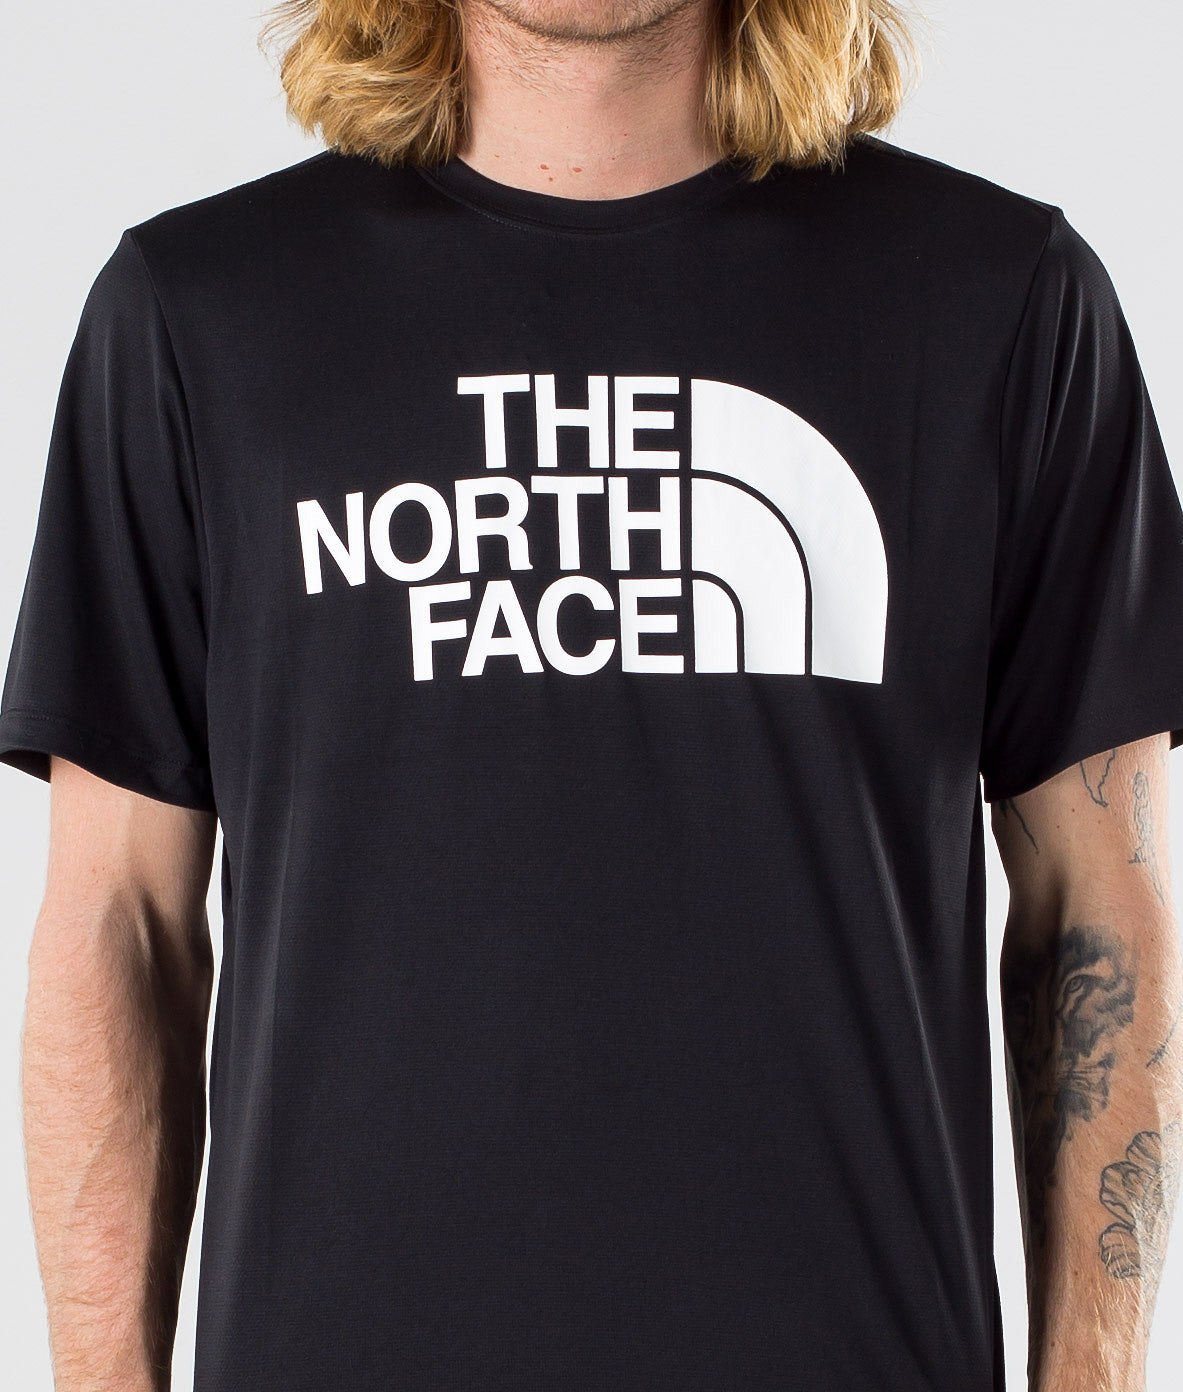 Kjøp Flex2 Big Logo S/S T-shirt fra The North Face på Ridestore.no - Hos oss har du alltid fri frakt, fri retur og 30 dagers åpent kjøp!